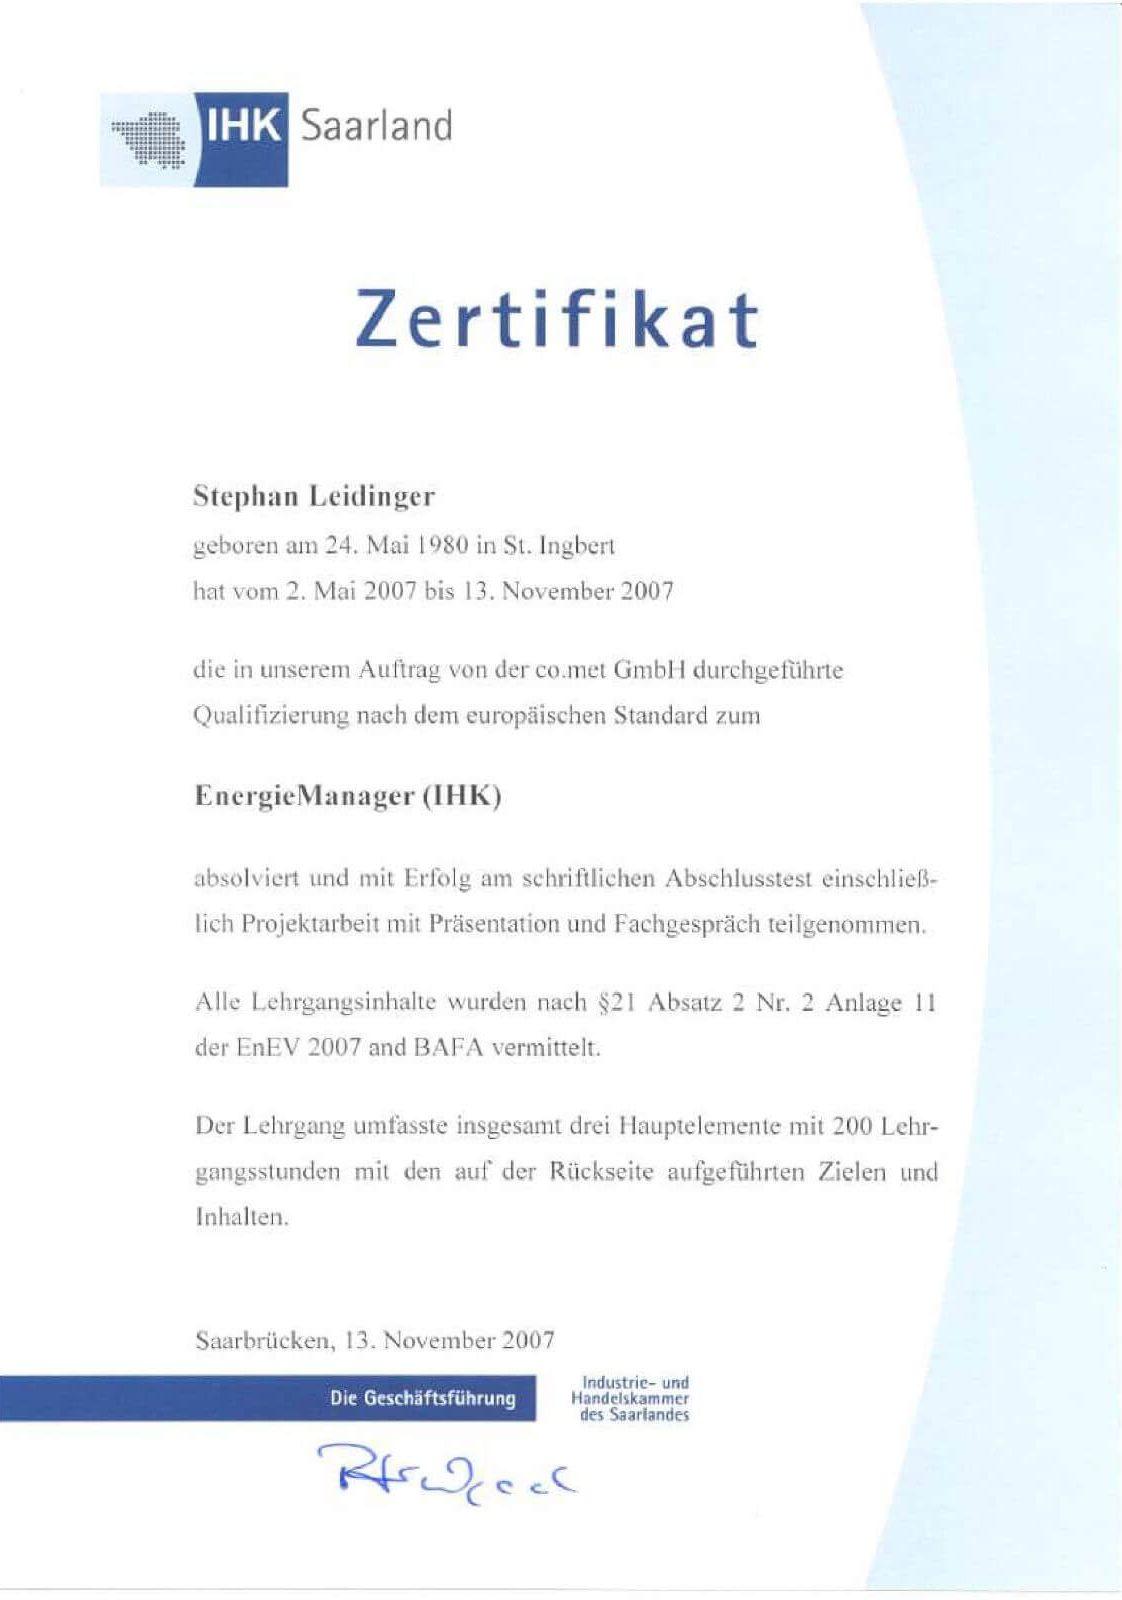 ihk_energie_manager_zertifikat-1